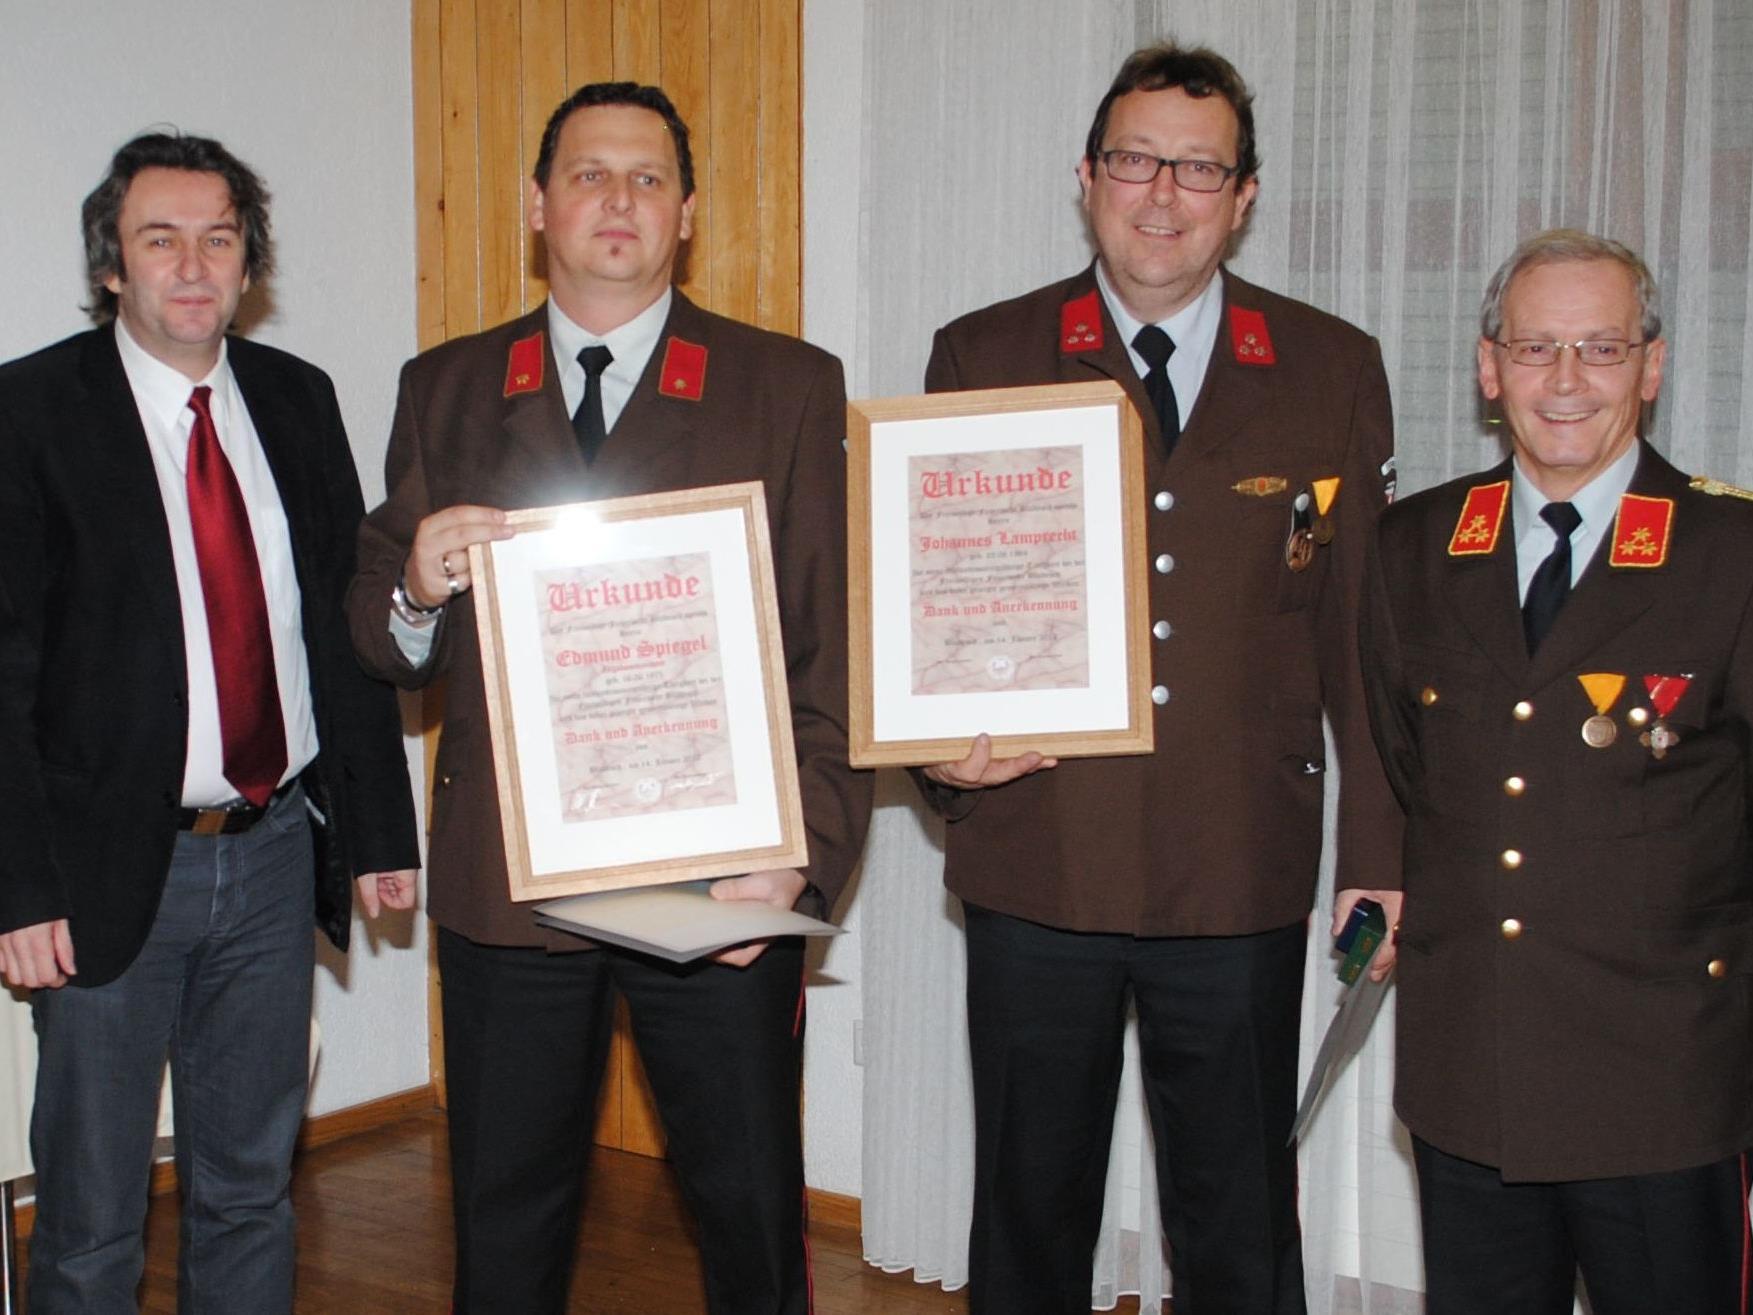 Bürgermeister Michael Tinkhauser und Kommandant Günter Nachbaur mit den Jubilaren